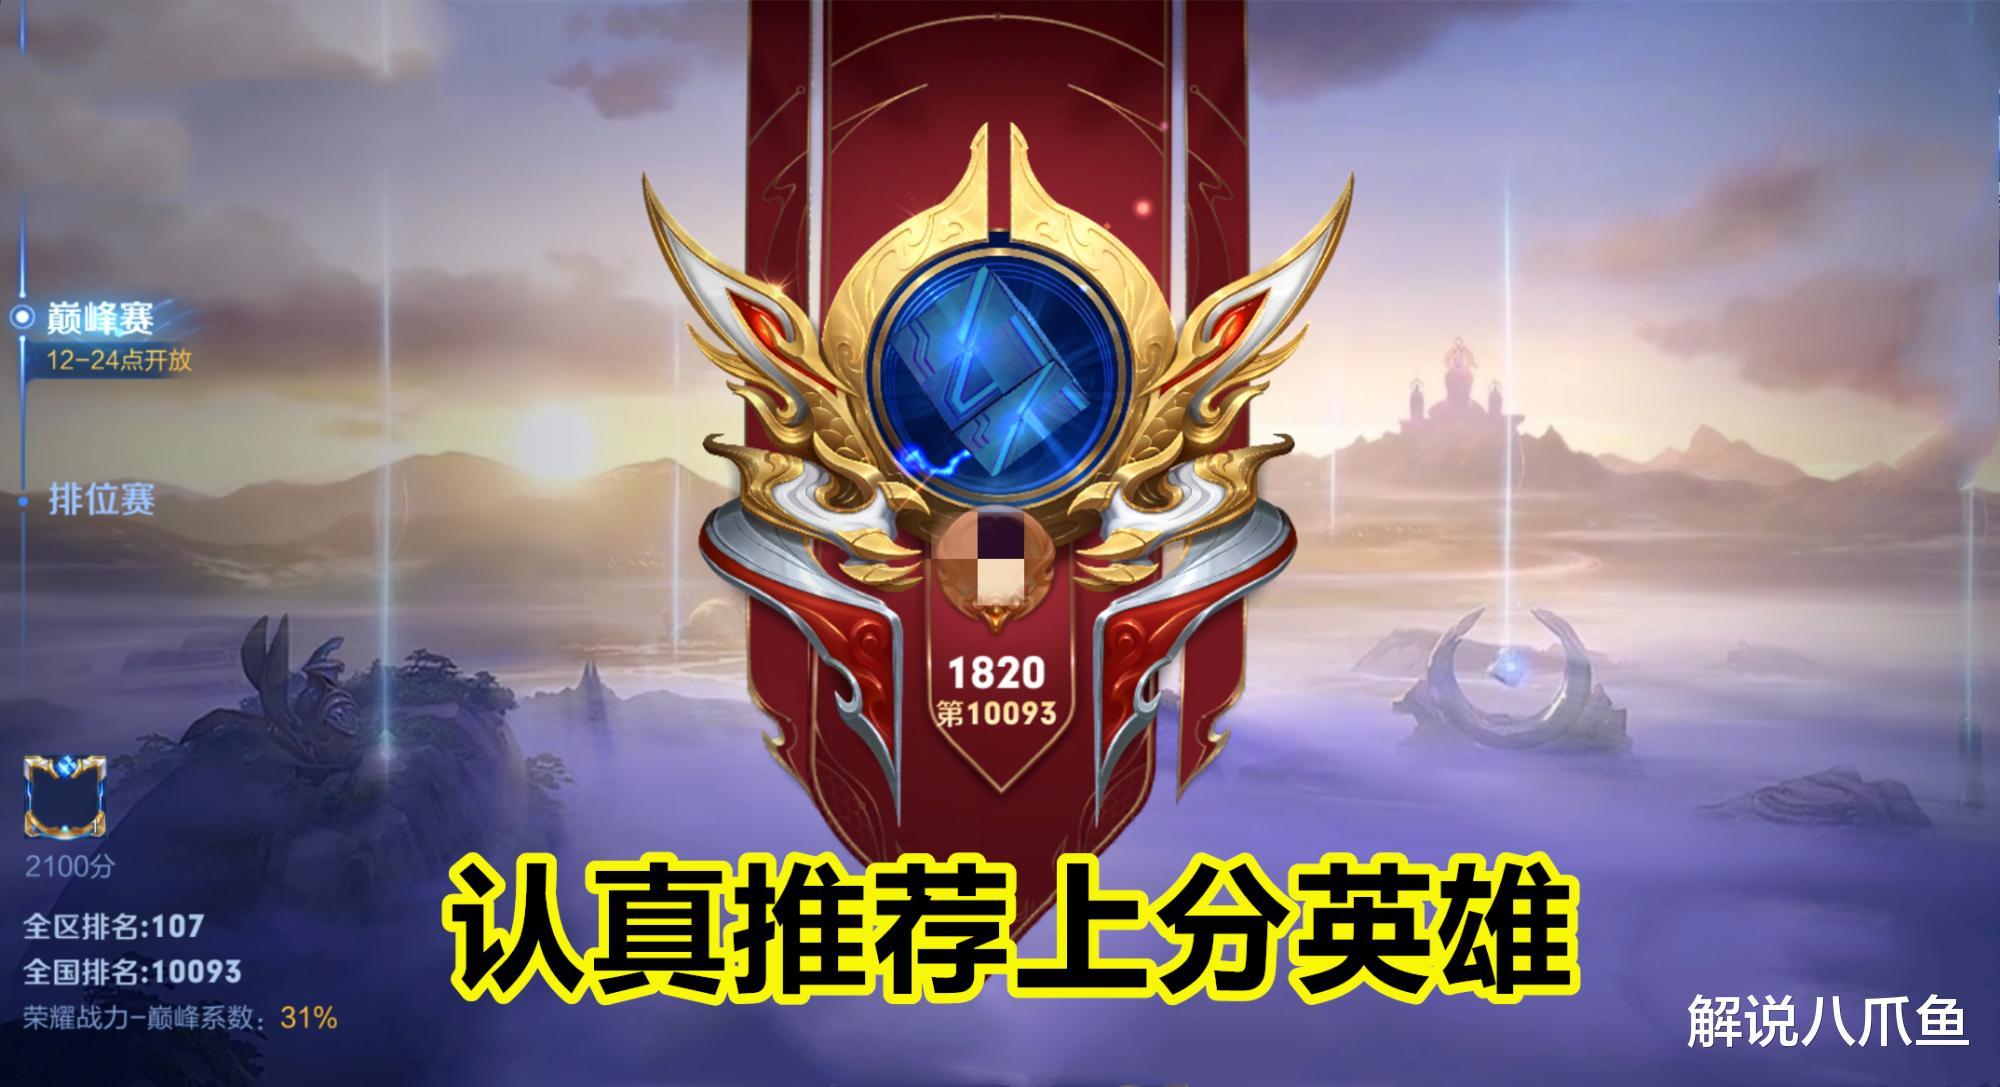 王者荣耀:巅峰万强推荐S25上分英雄,张良必备,对抗路首选他